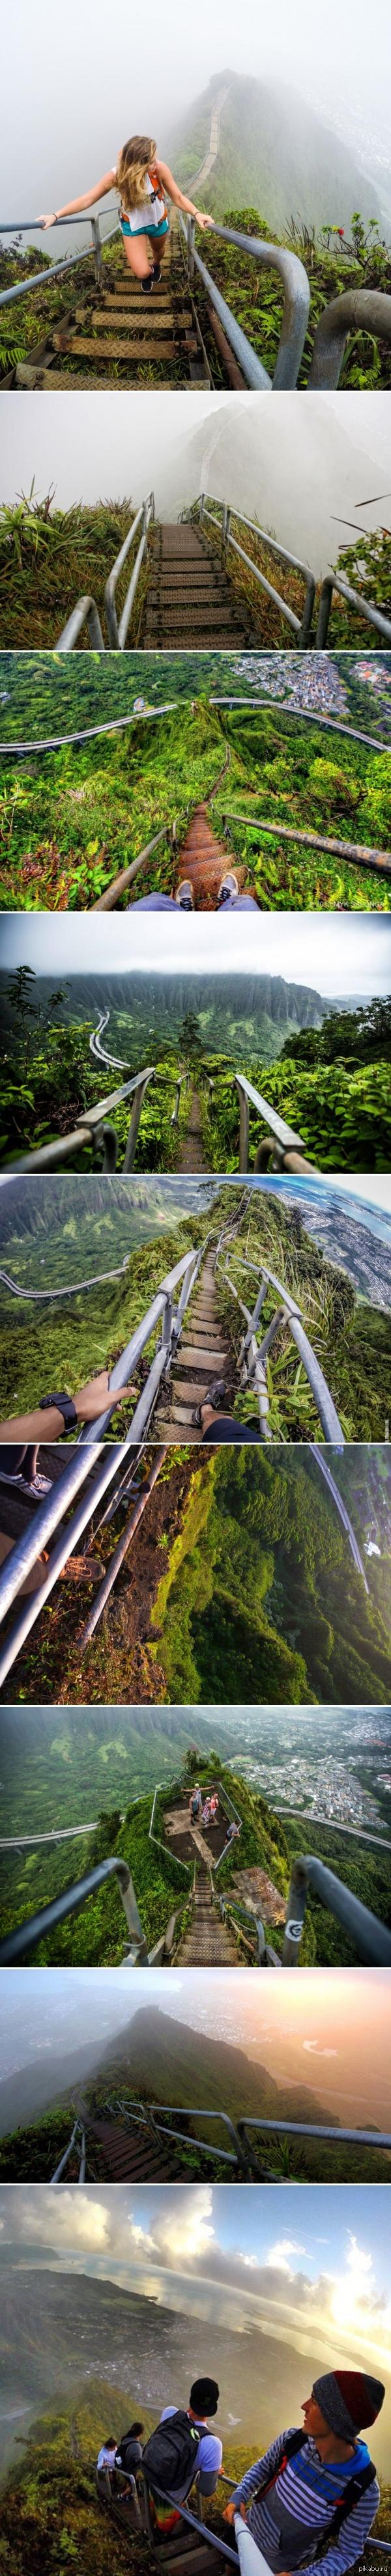 Лестница в небо Лестница Хайку (Haiku Stairs) или лестница в небеса - пешеходный маршрут проходящий по горной местности острова Оаху на Гавайях.